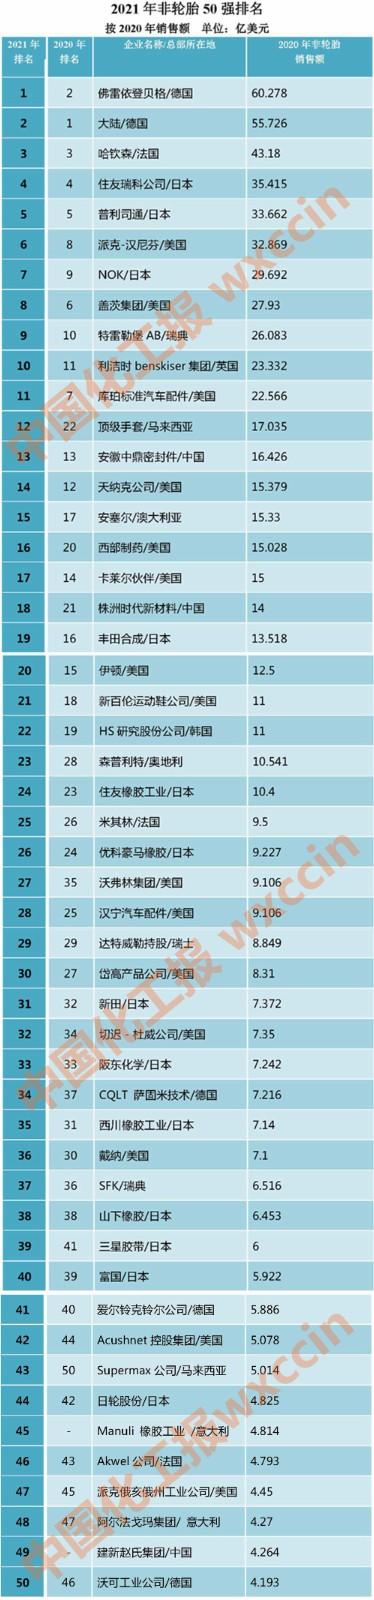 2021年度全球非轮胎橡胶制品析评 _页面_3_副本_副本.jpg